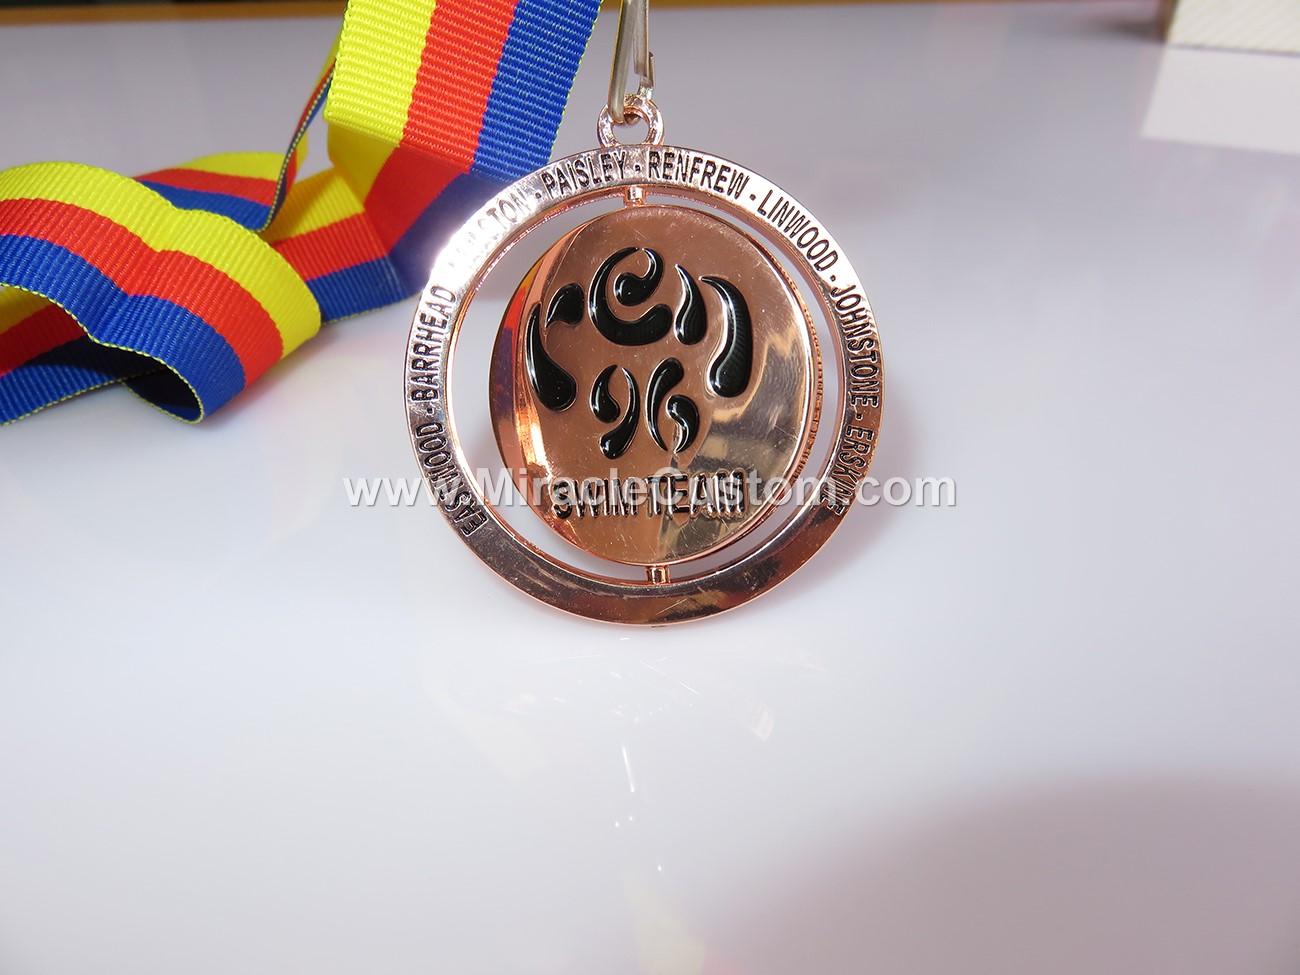 Spinning Custom Logo Medals